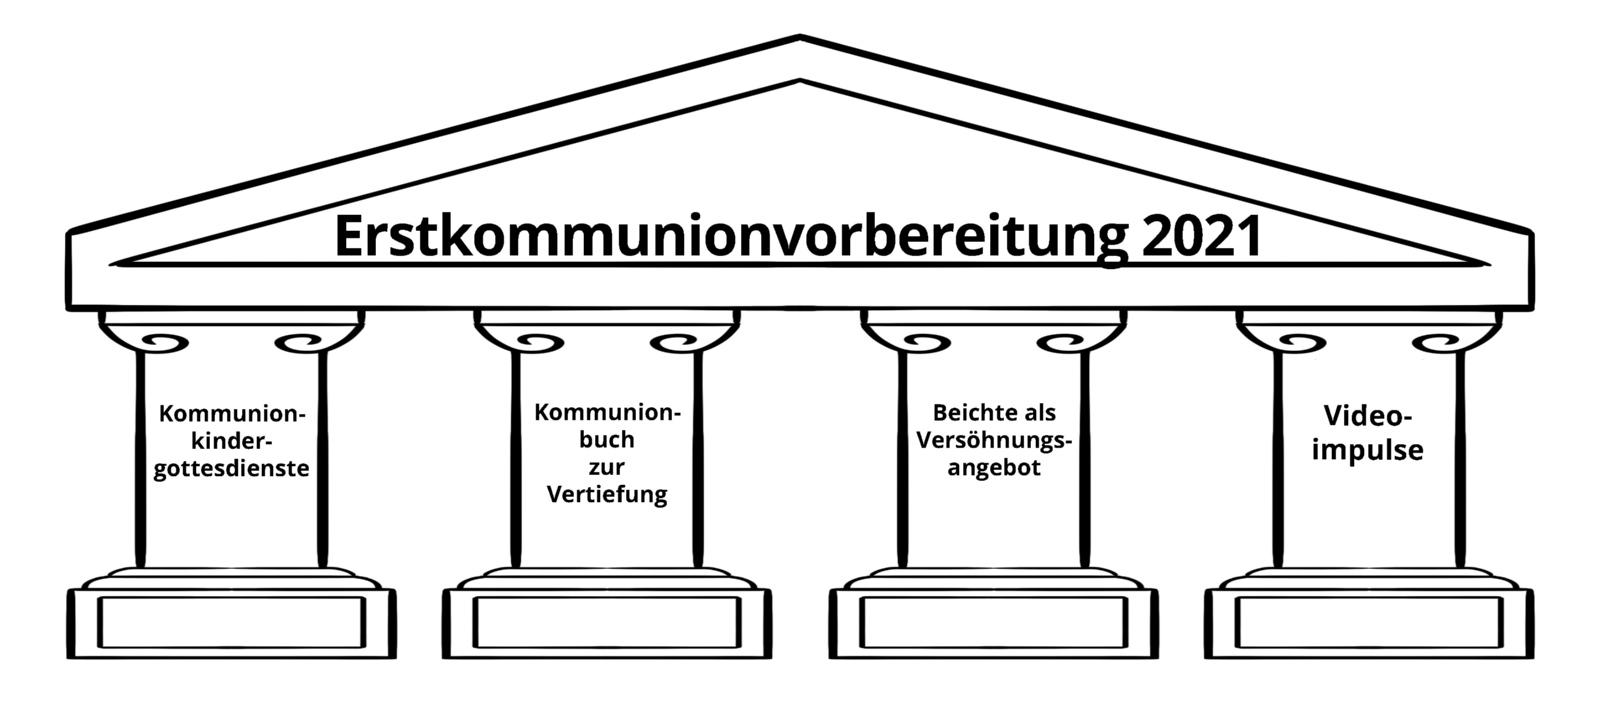 Nrw kommunion 2021 NRW